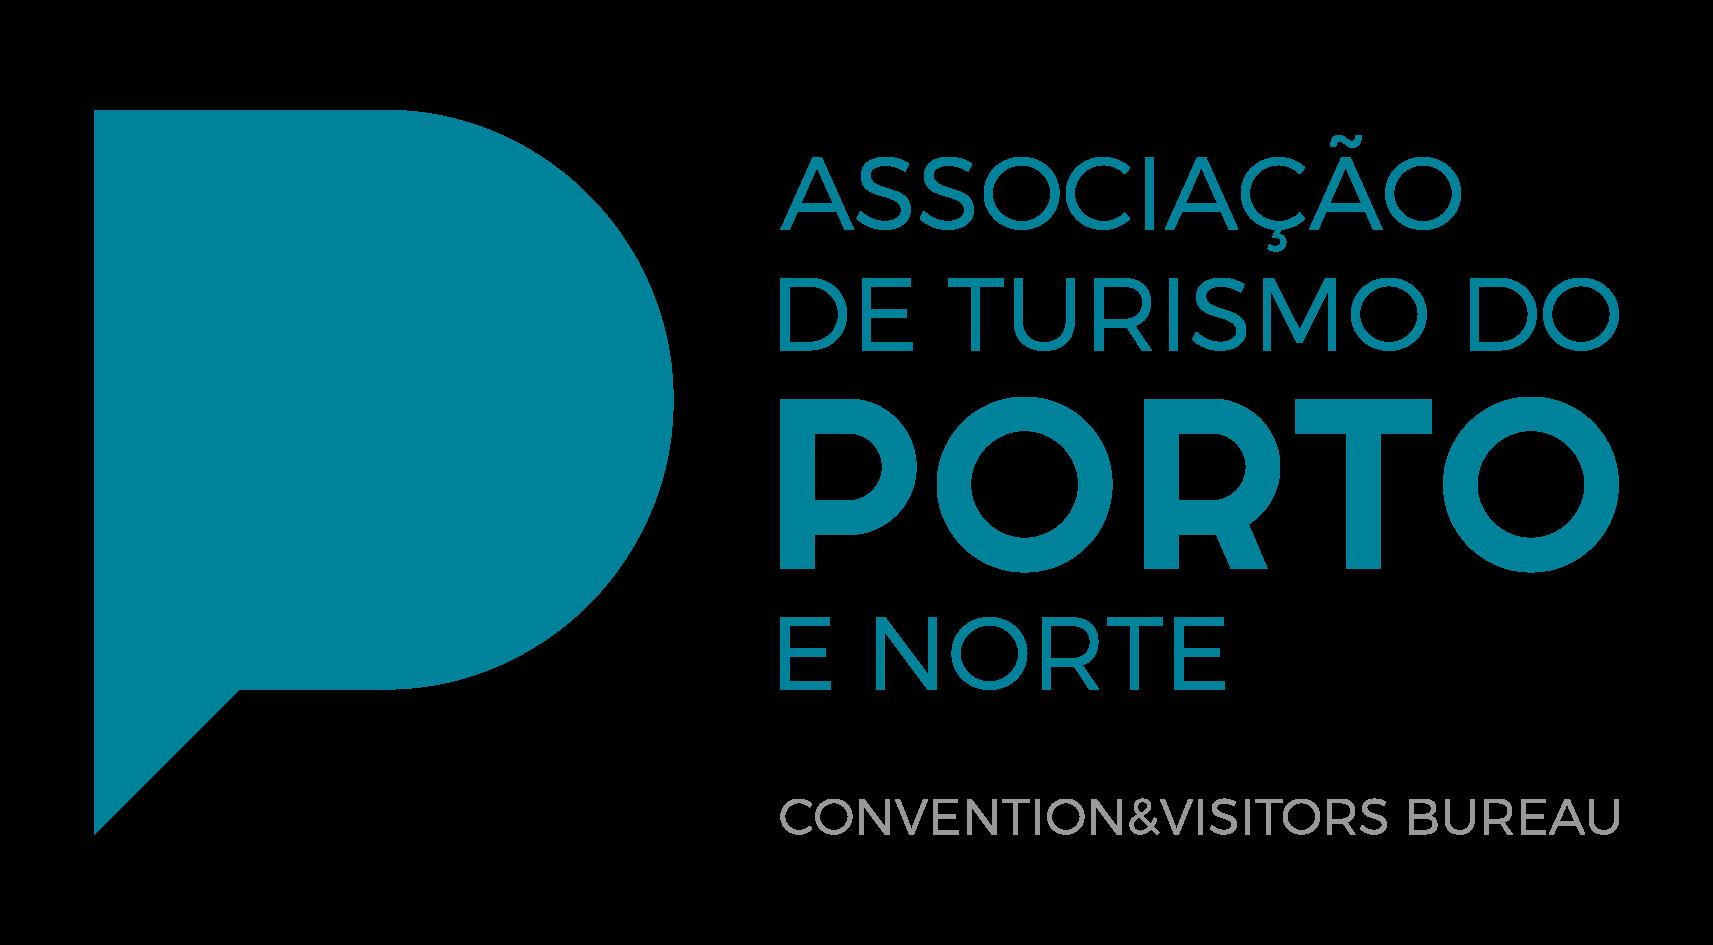 Associação de Turismo do Porto